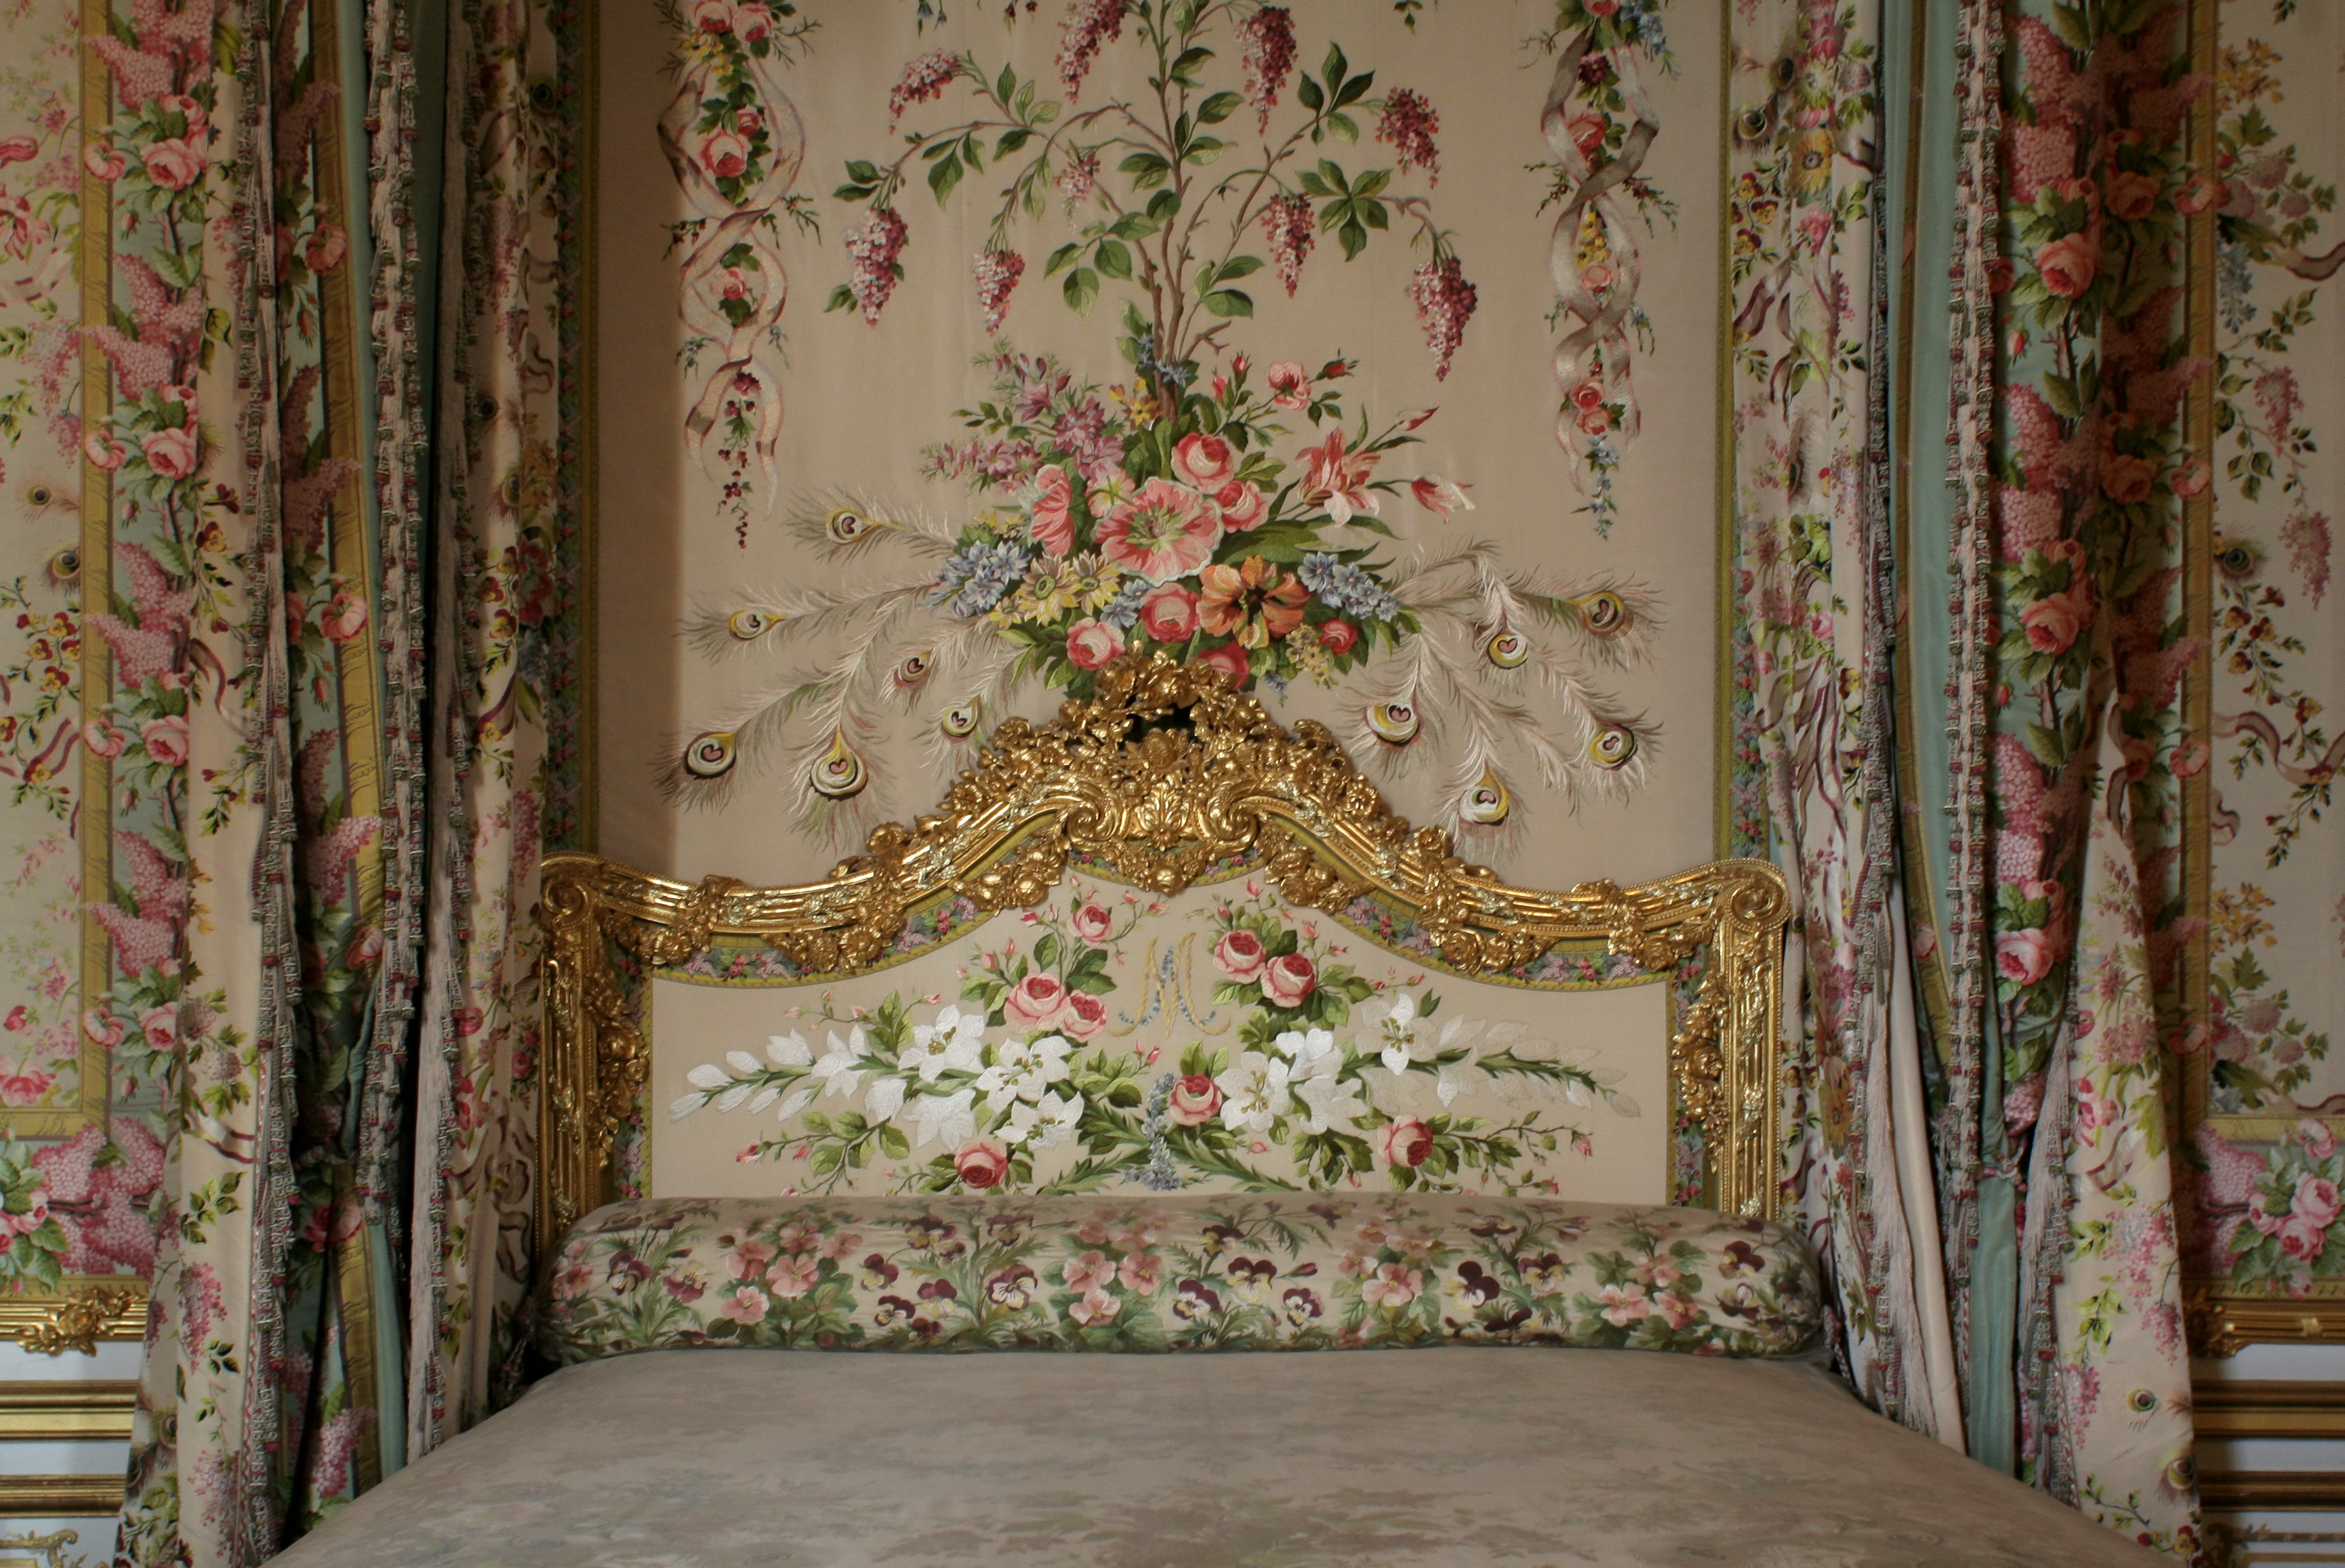 FileChteau De Versailles Chambre De La Reine Lit 02